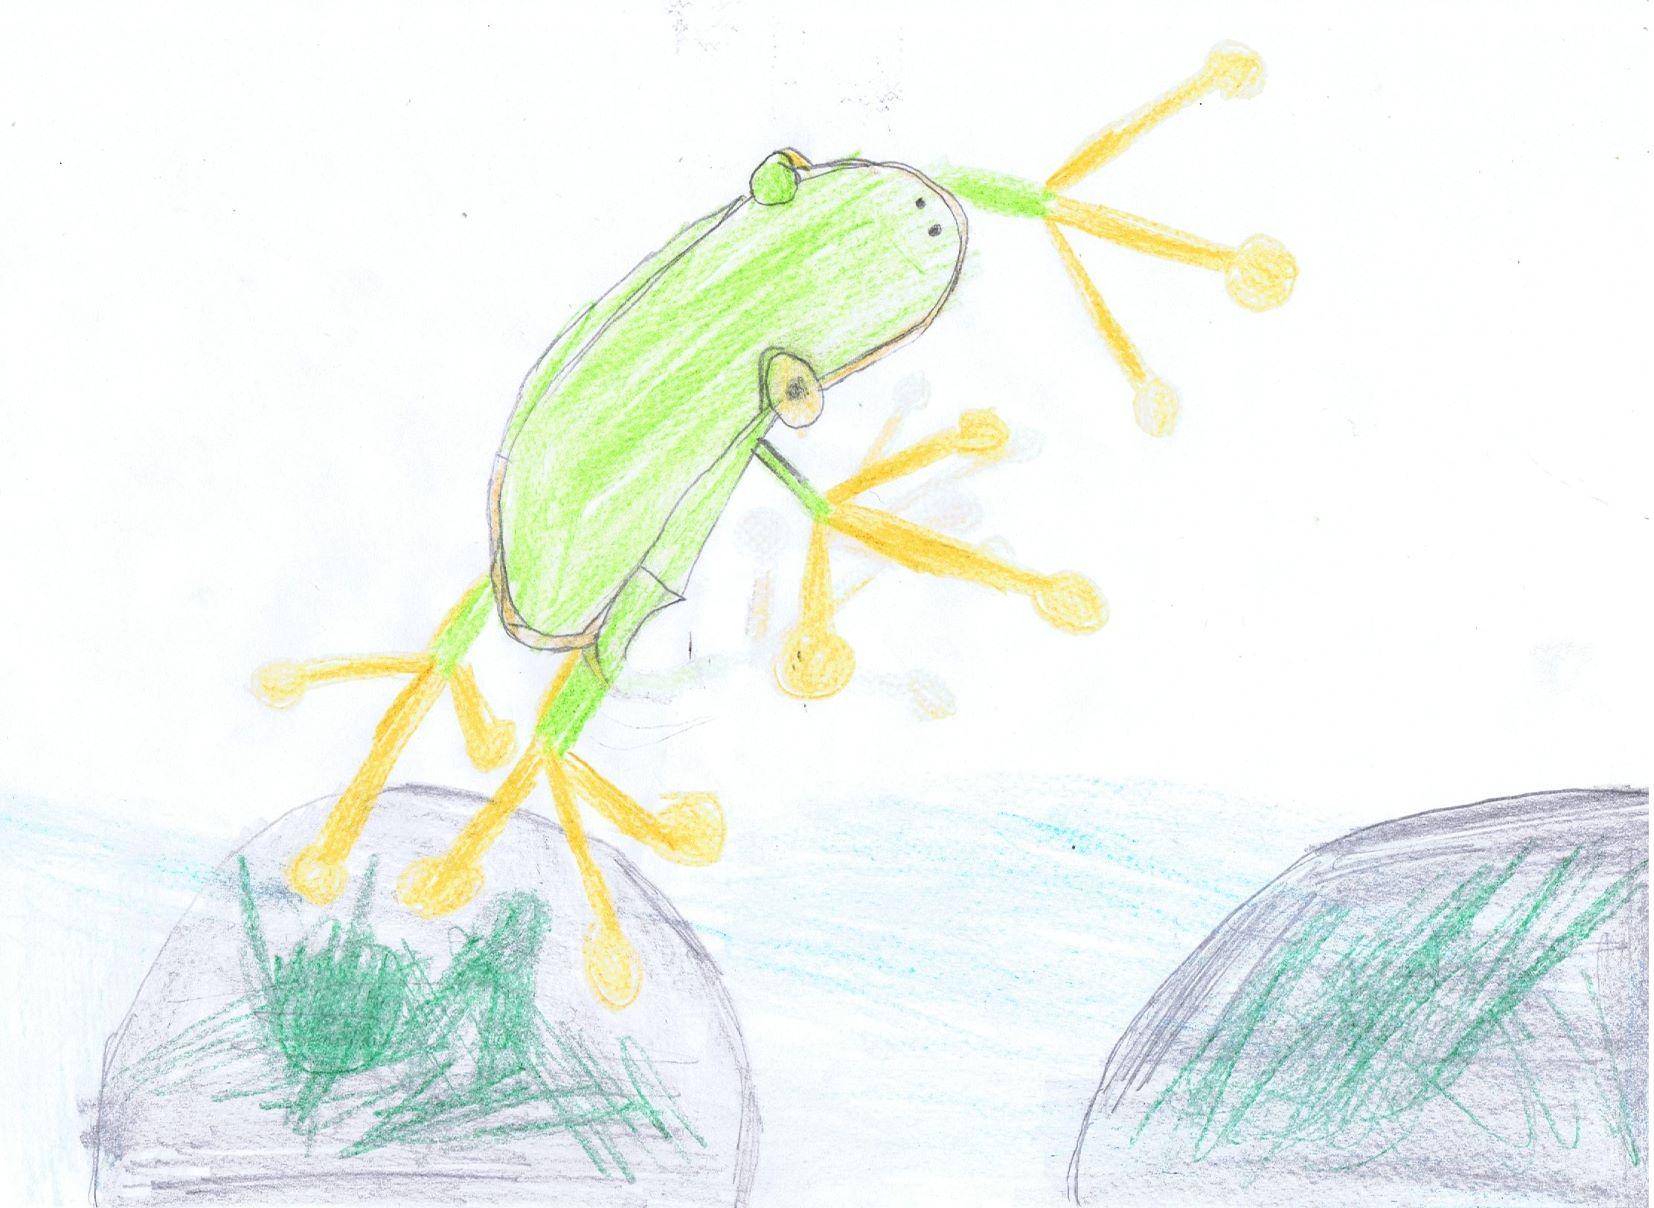 Wetterbericht vom Frosch - 4. Juli